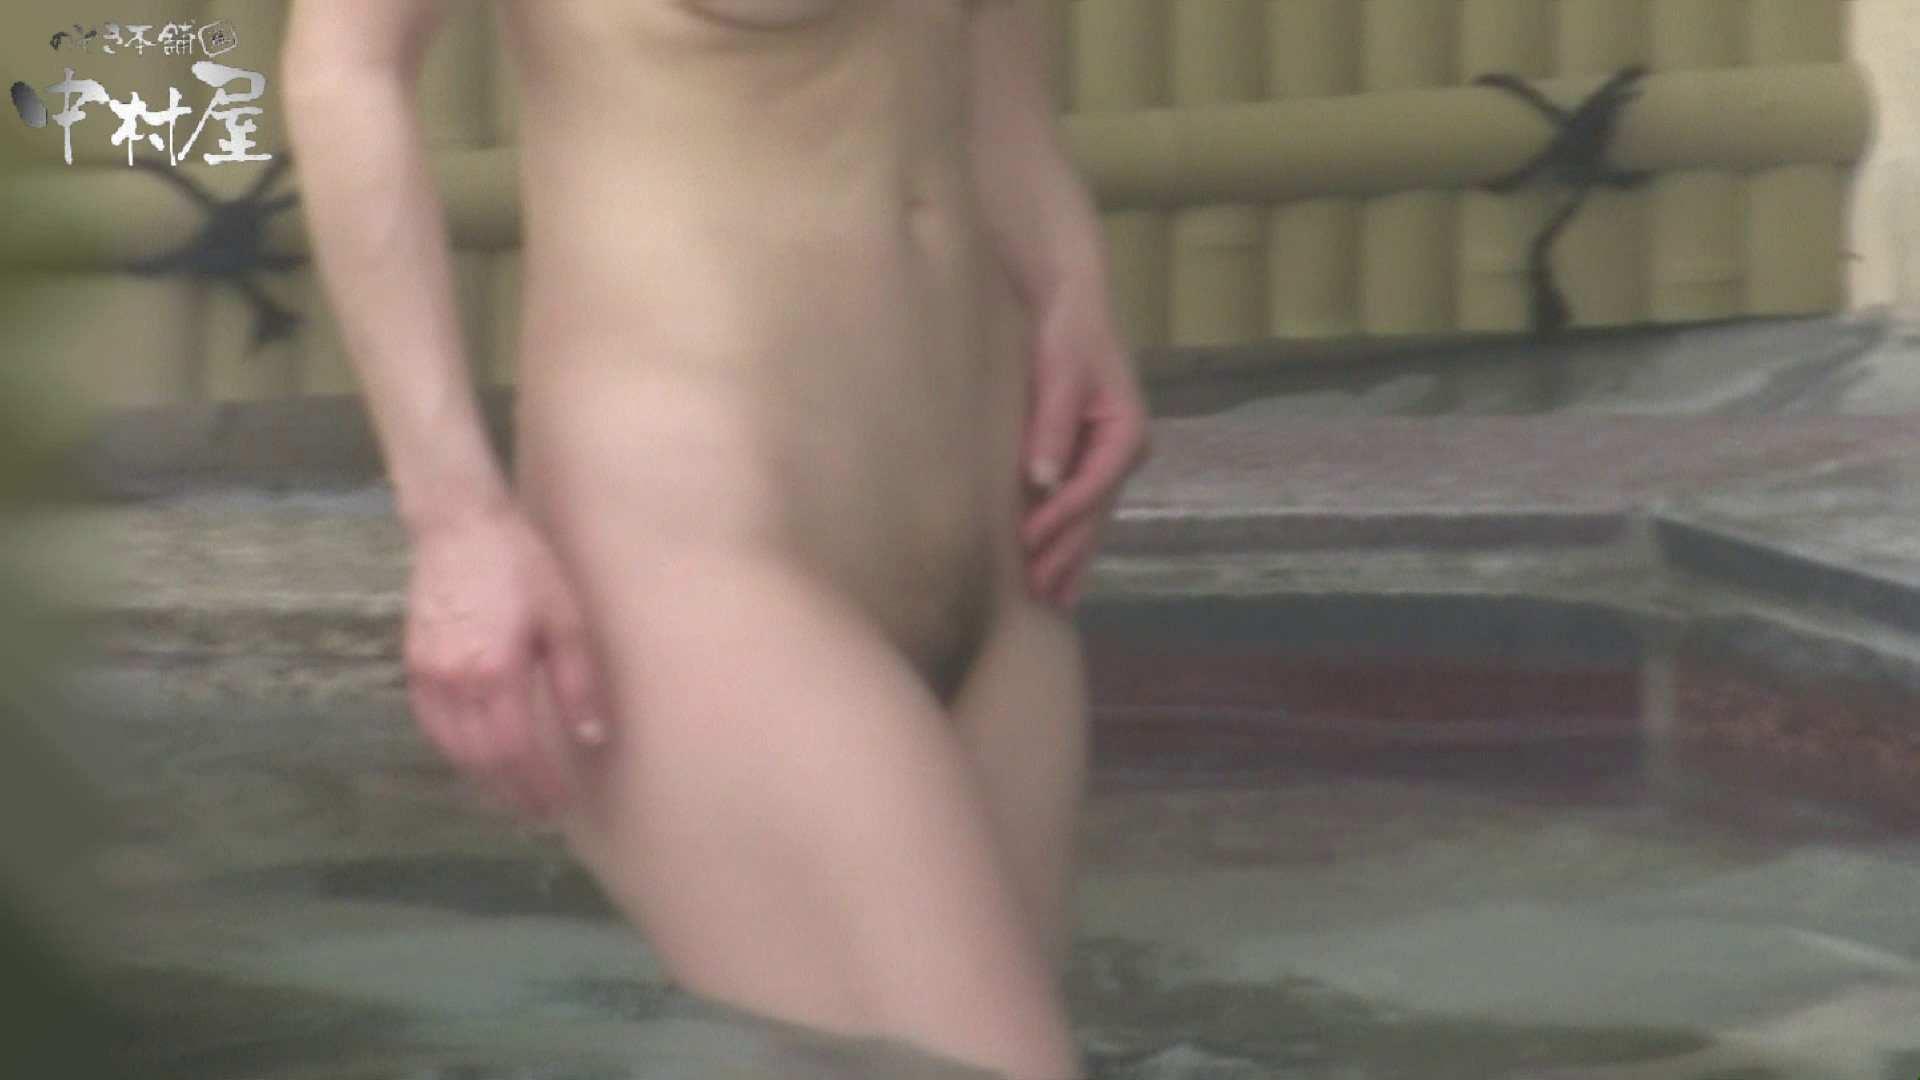 Aquaな露天風呂Vol.927 OLのエロ生活  89連発 87